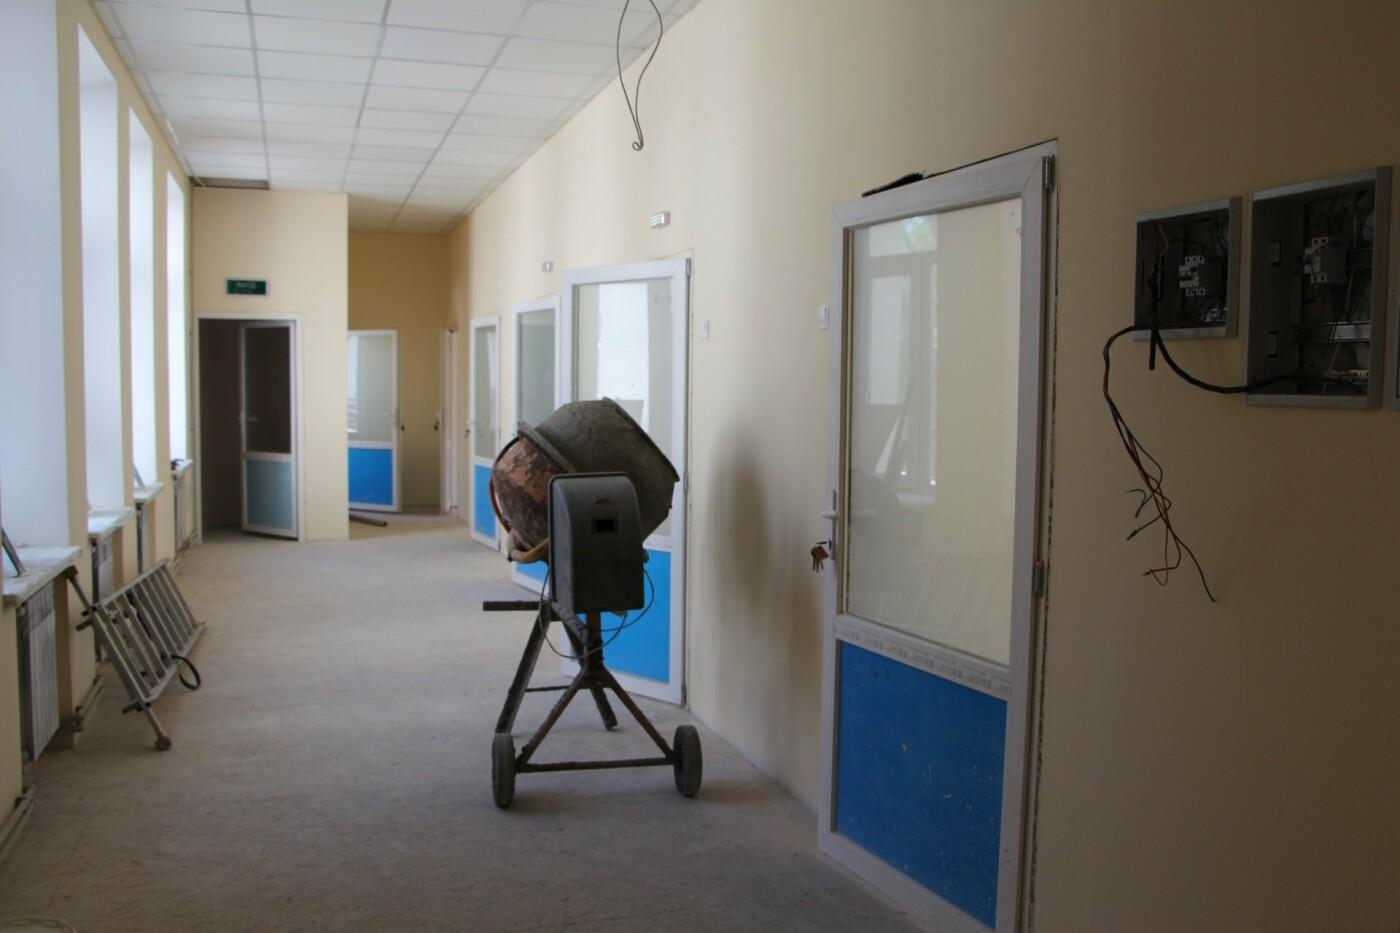 В Шевченковском районе Запорожья заканчивают реконструкцию семейной амбулатории, – ФОТО, фото-8